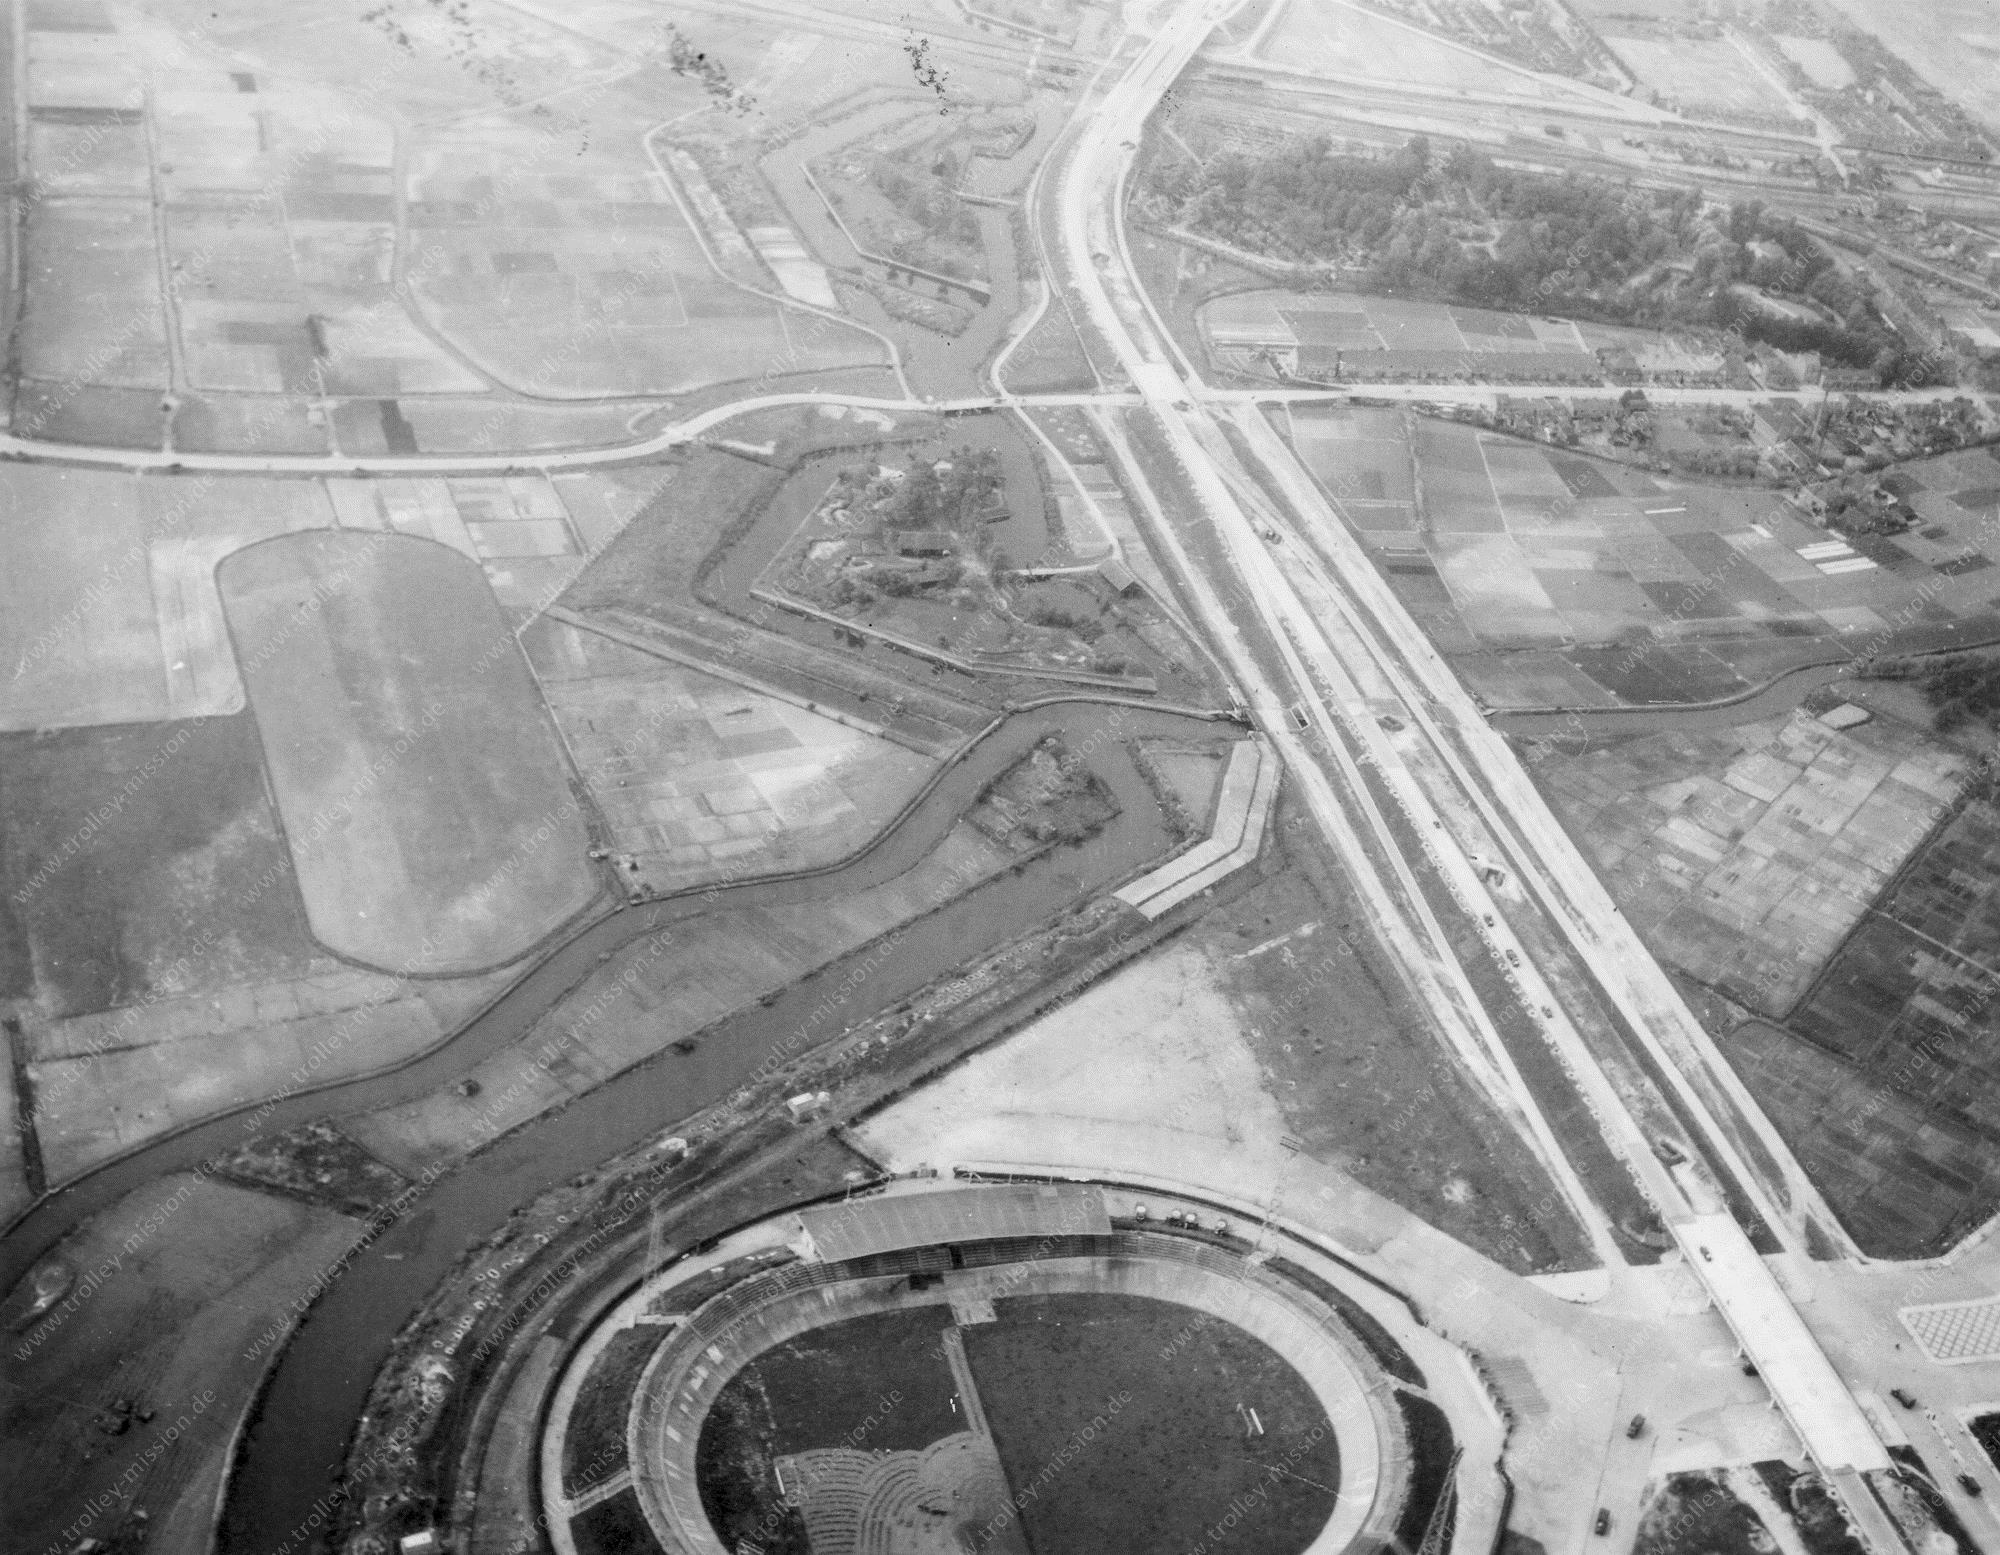 Fußball Stadion Galgenwaard in Utrecht - Luftbild aus dem Zweiten Weltkrieg (Niederlande)